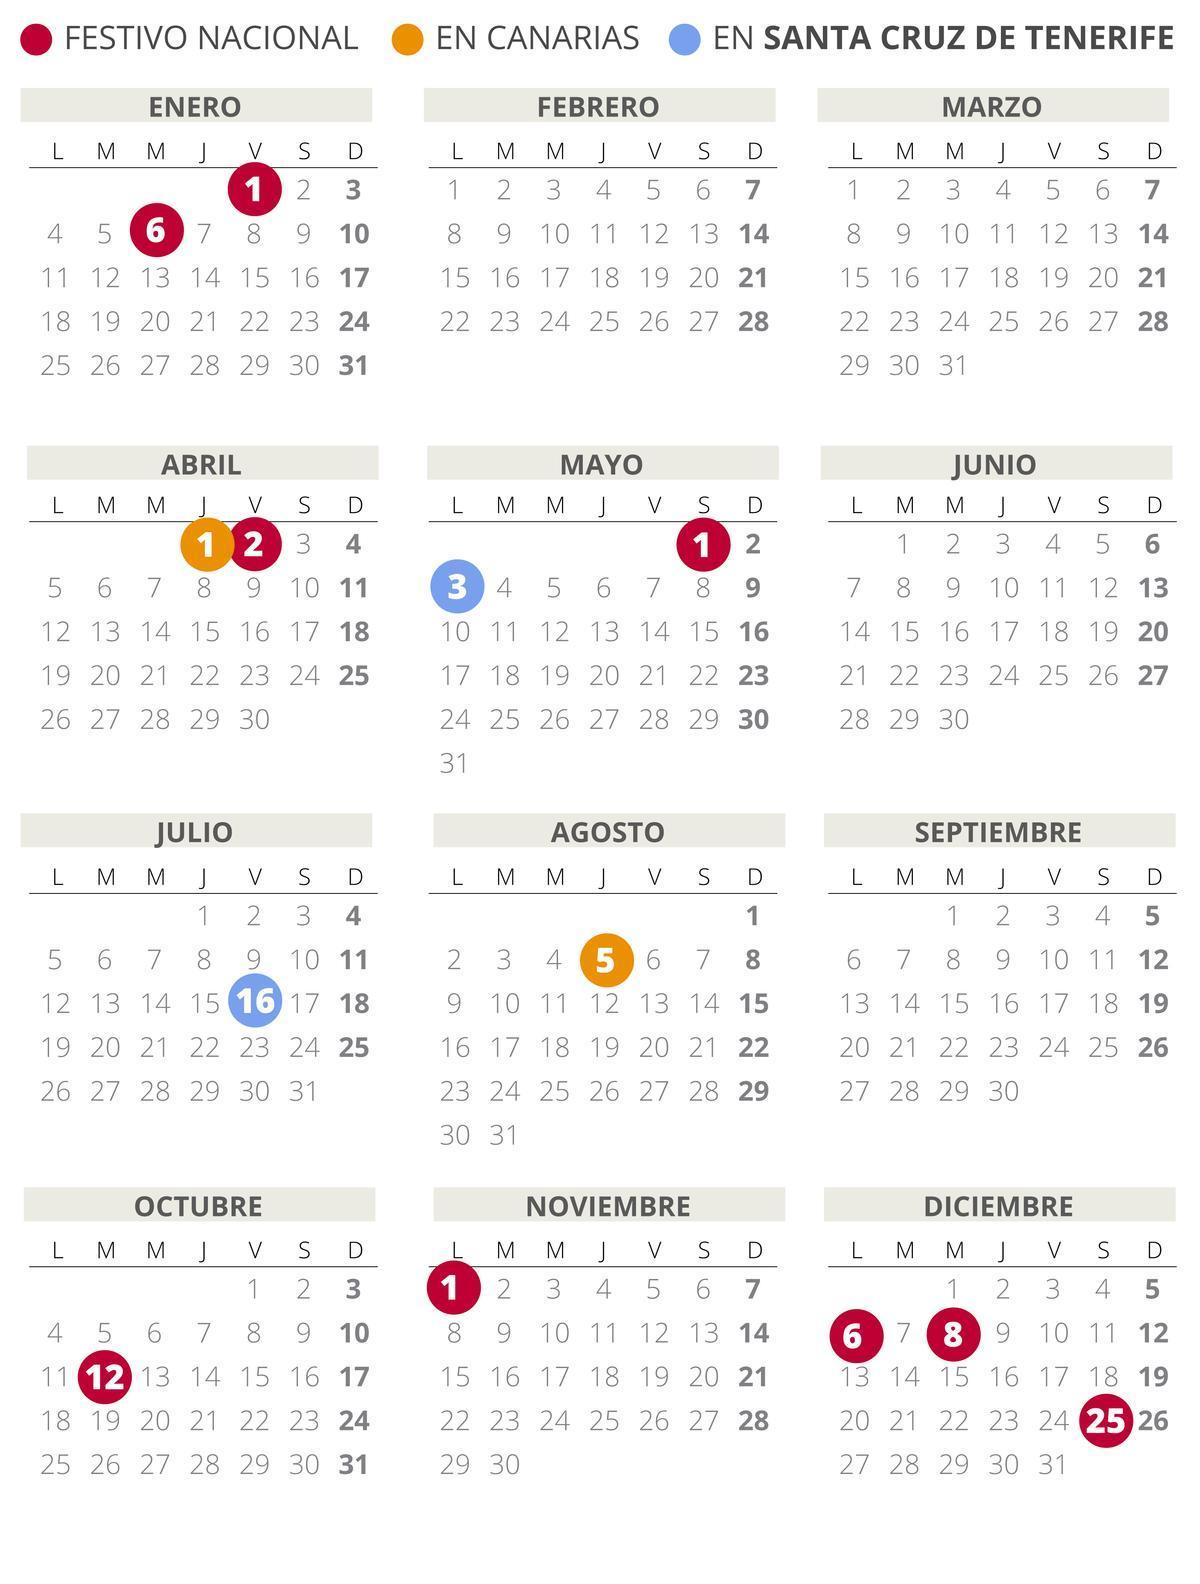 Calendario laboral de Santa Cruz de Tenerife 2021 (con todos los festivos)